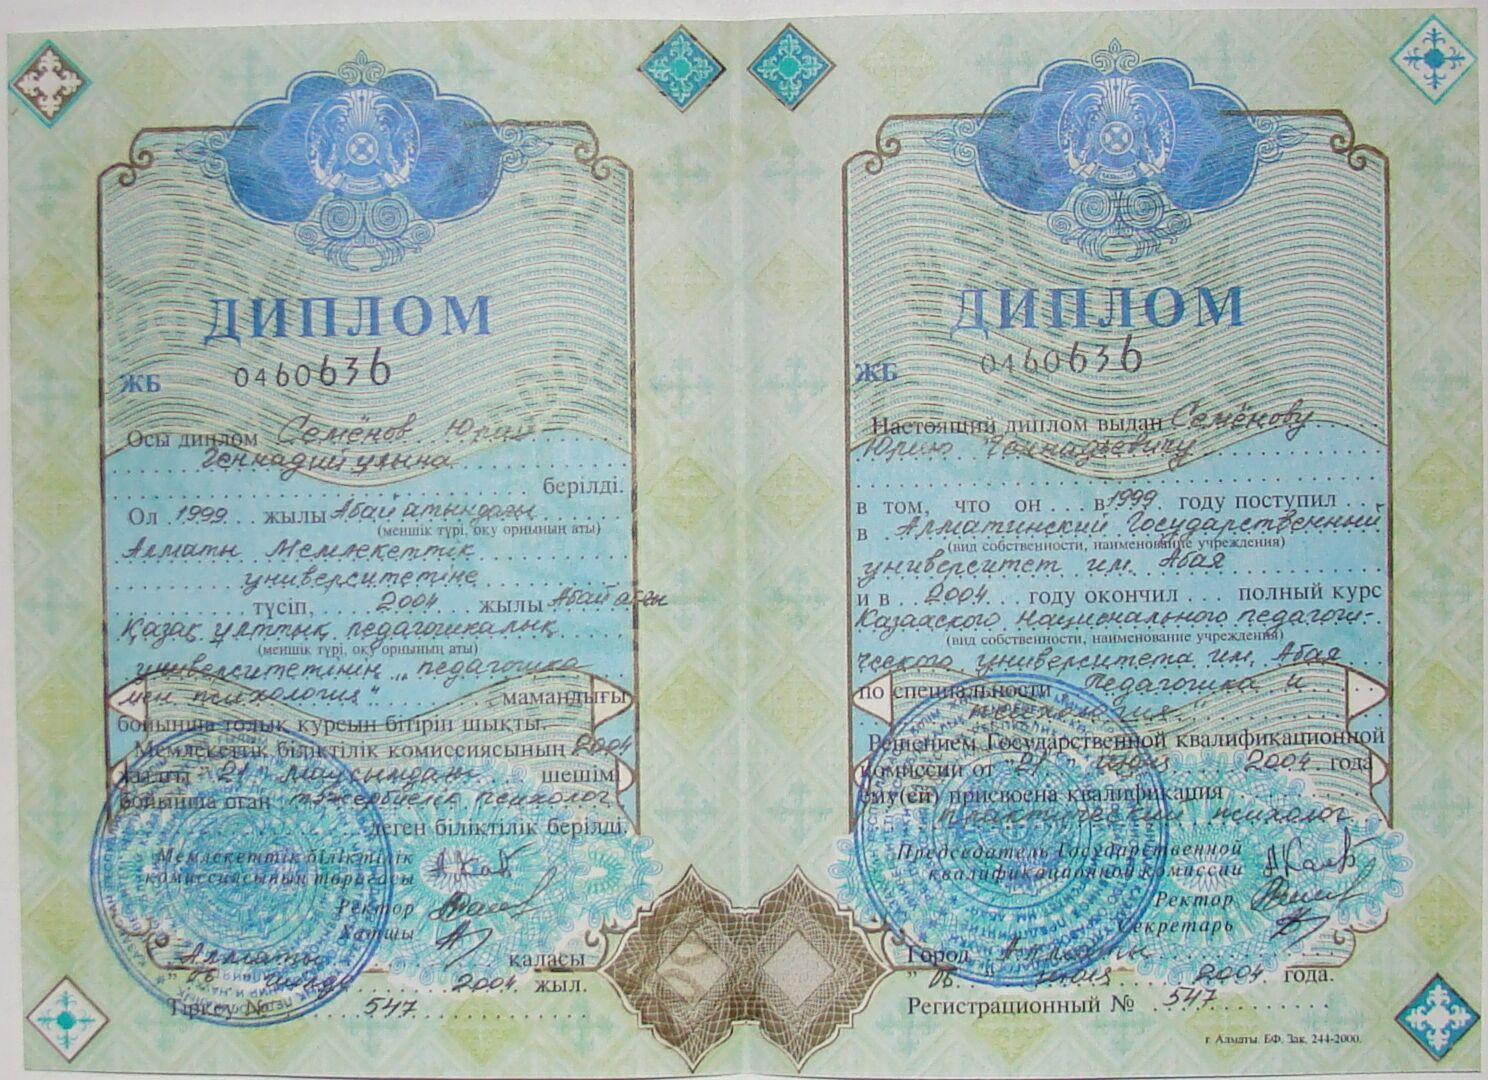 Диплом Семёнова Юрия Геннадьевича